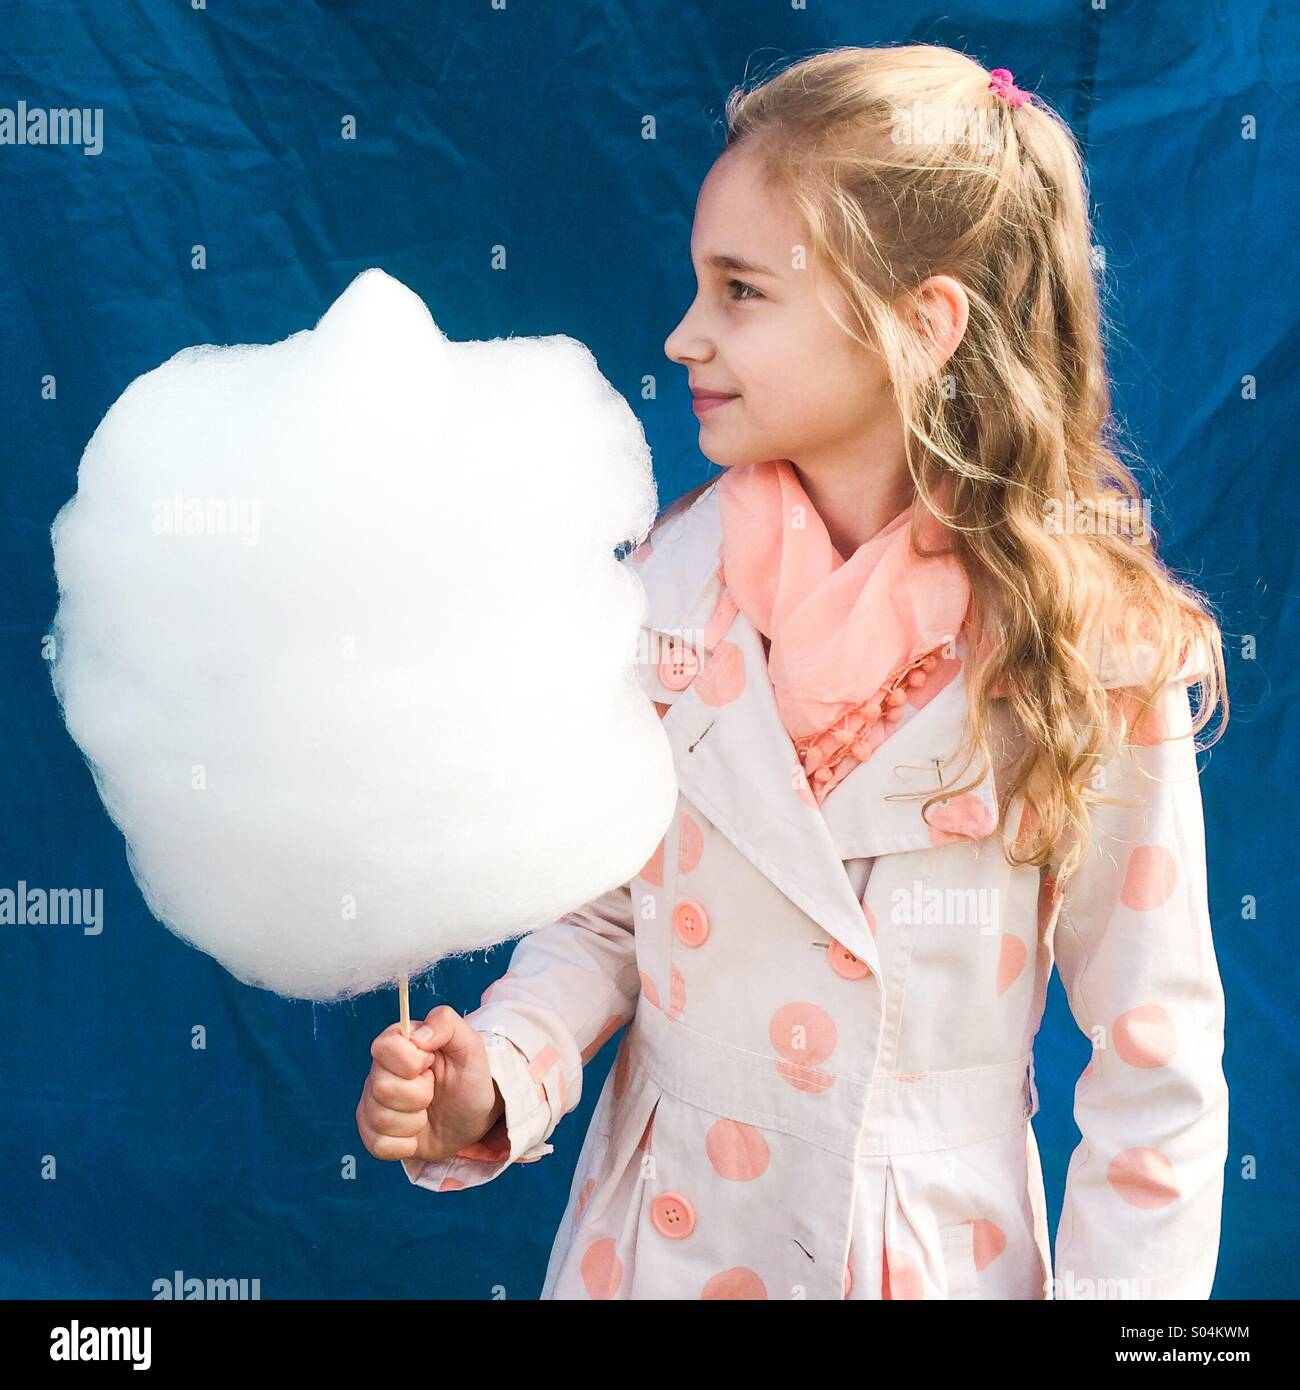 Chica con candyfloss Imagen De Stock